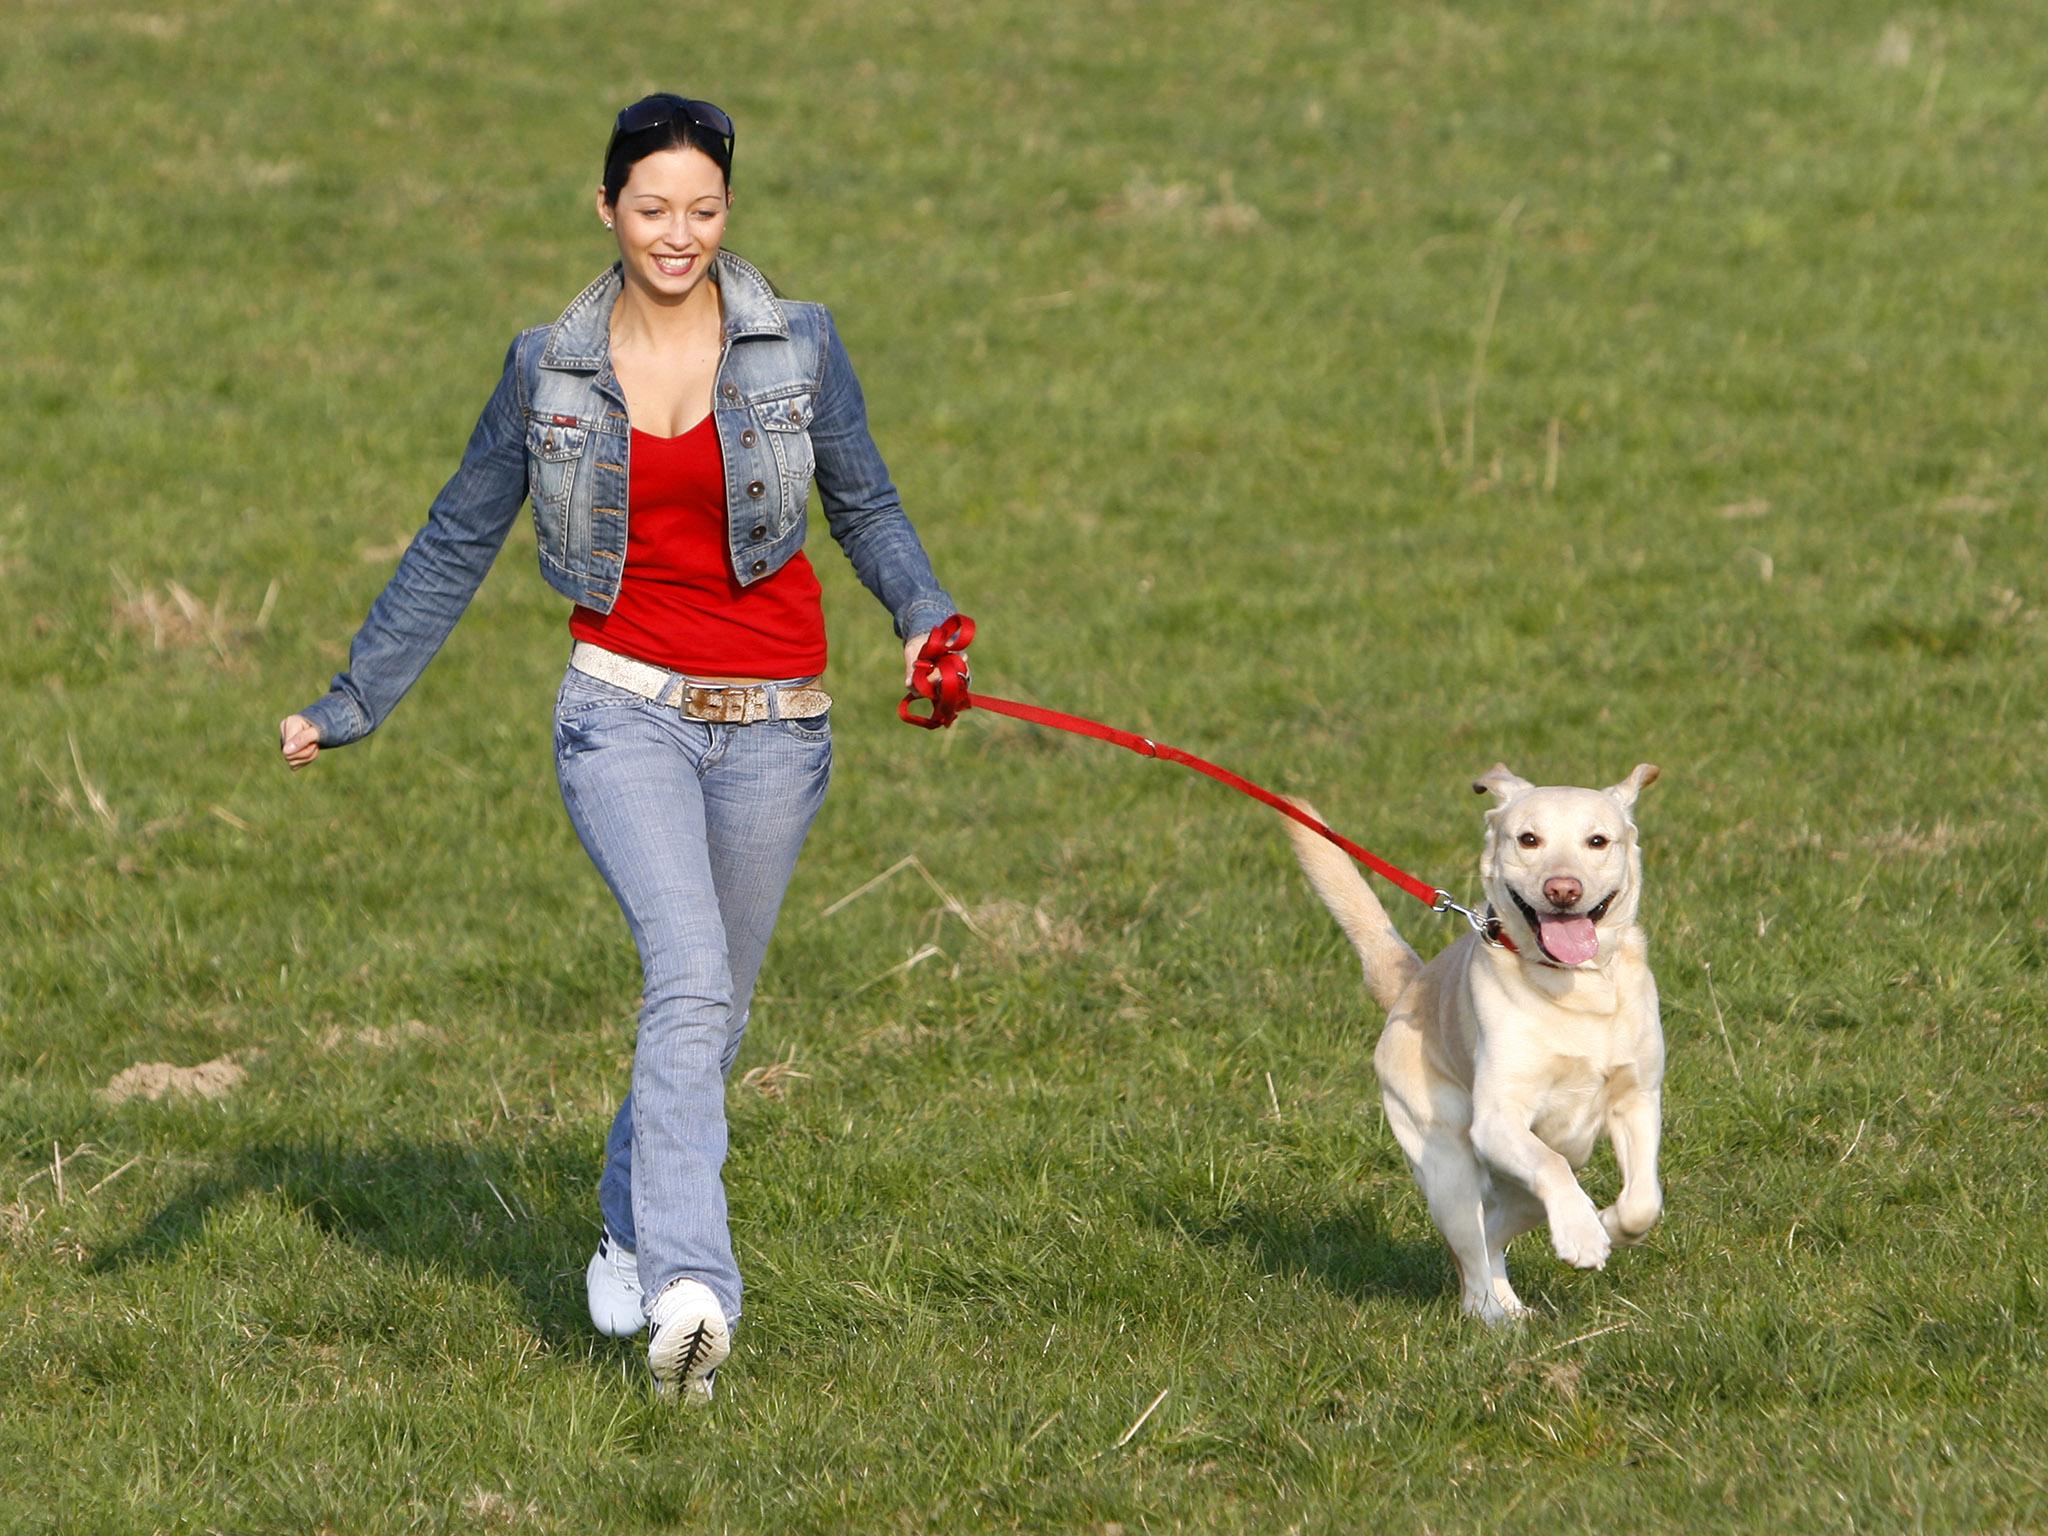 Ученые Стэнфорда: в Китае, Японии, Украине и России самые активные граждане - 1